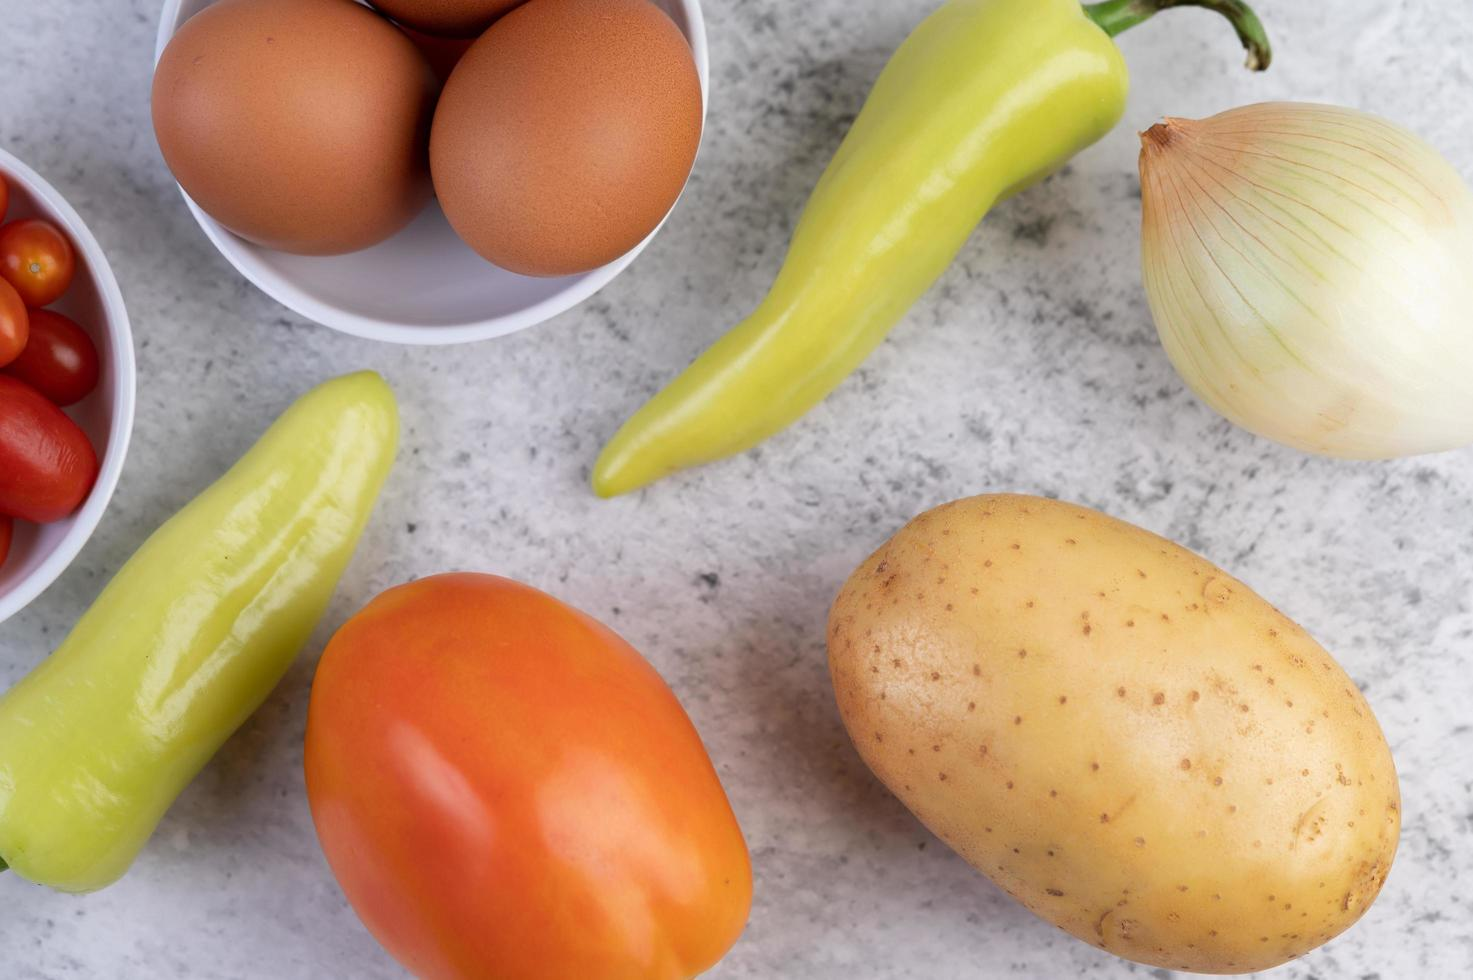 Kartoffeln, Tomaten, Paprika, Zwiebeln und Eier foto